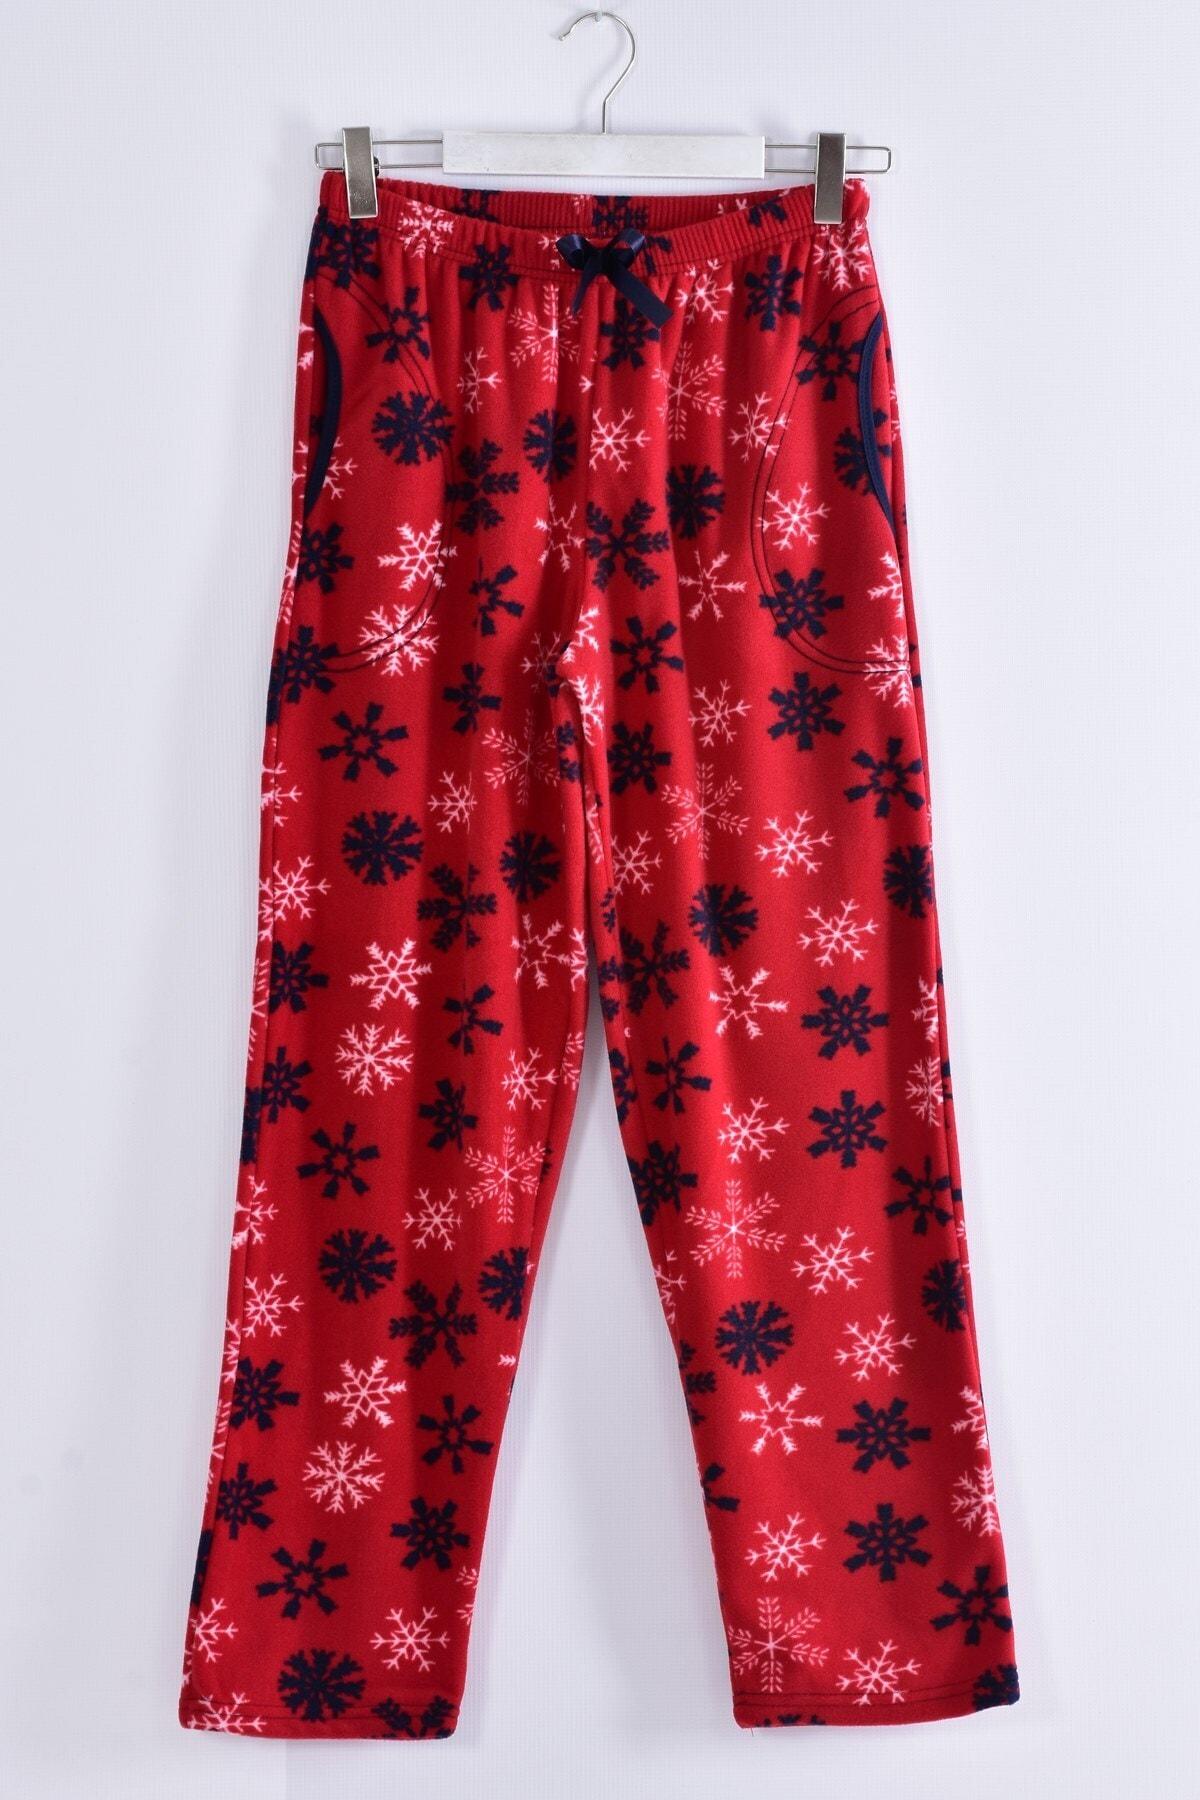 Pemilo Kadın Bordo Büyük Beden Cepli Welsoft Polar Pijama Tek Alt 245-03 1